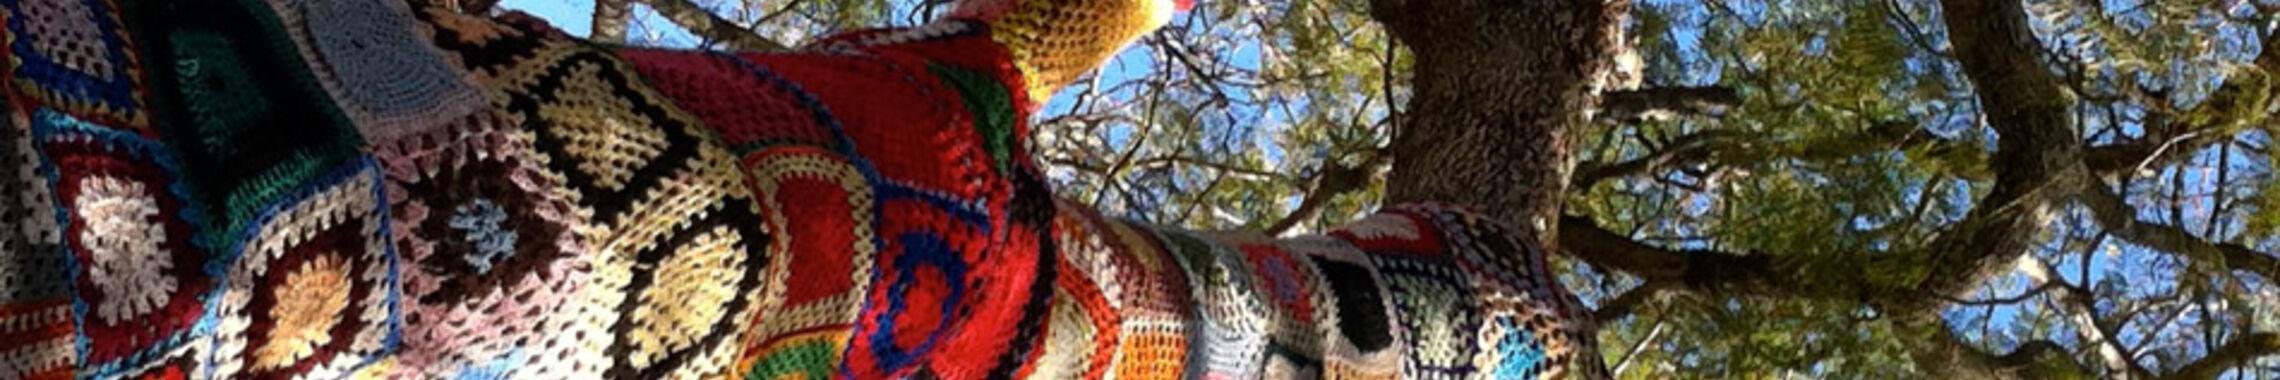 16_08_02_urban_knitting